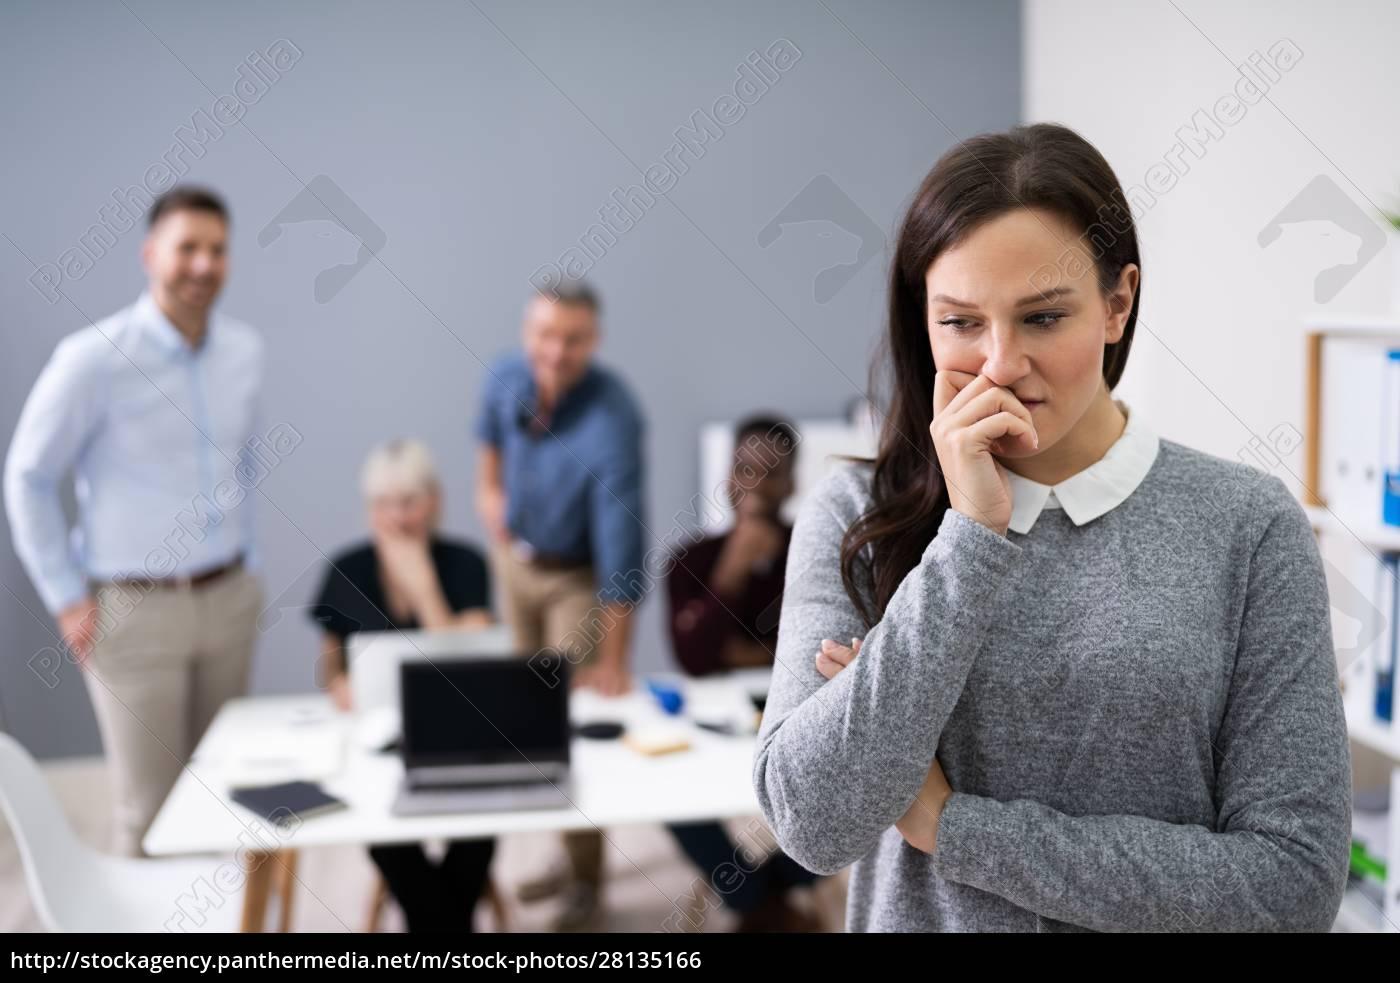 portret, nieszczęśliwej, bizneswoman - 28135166